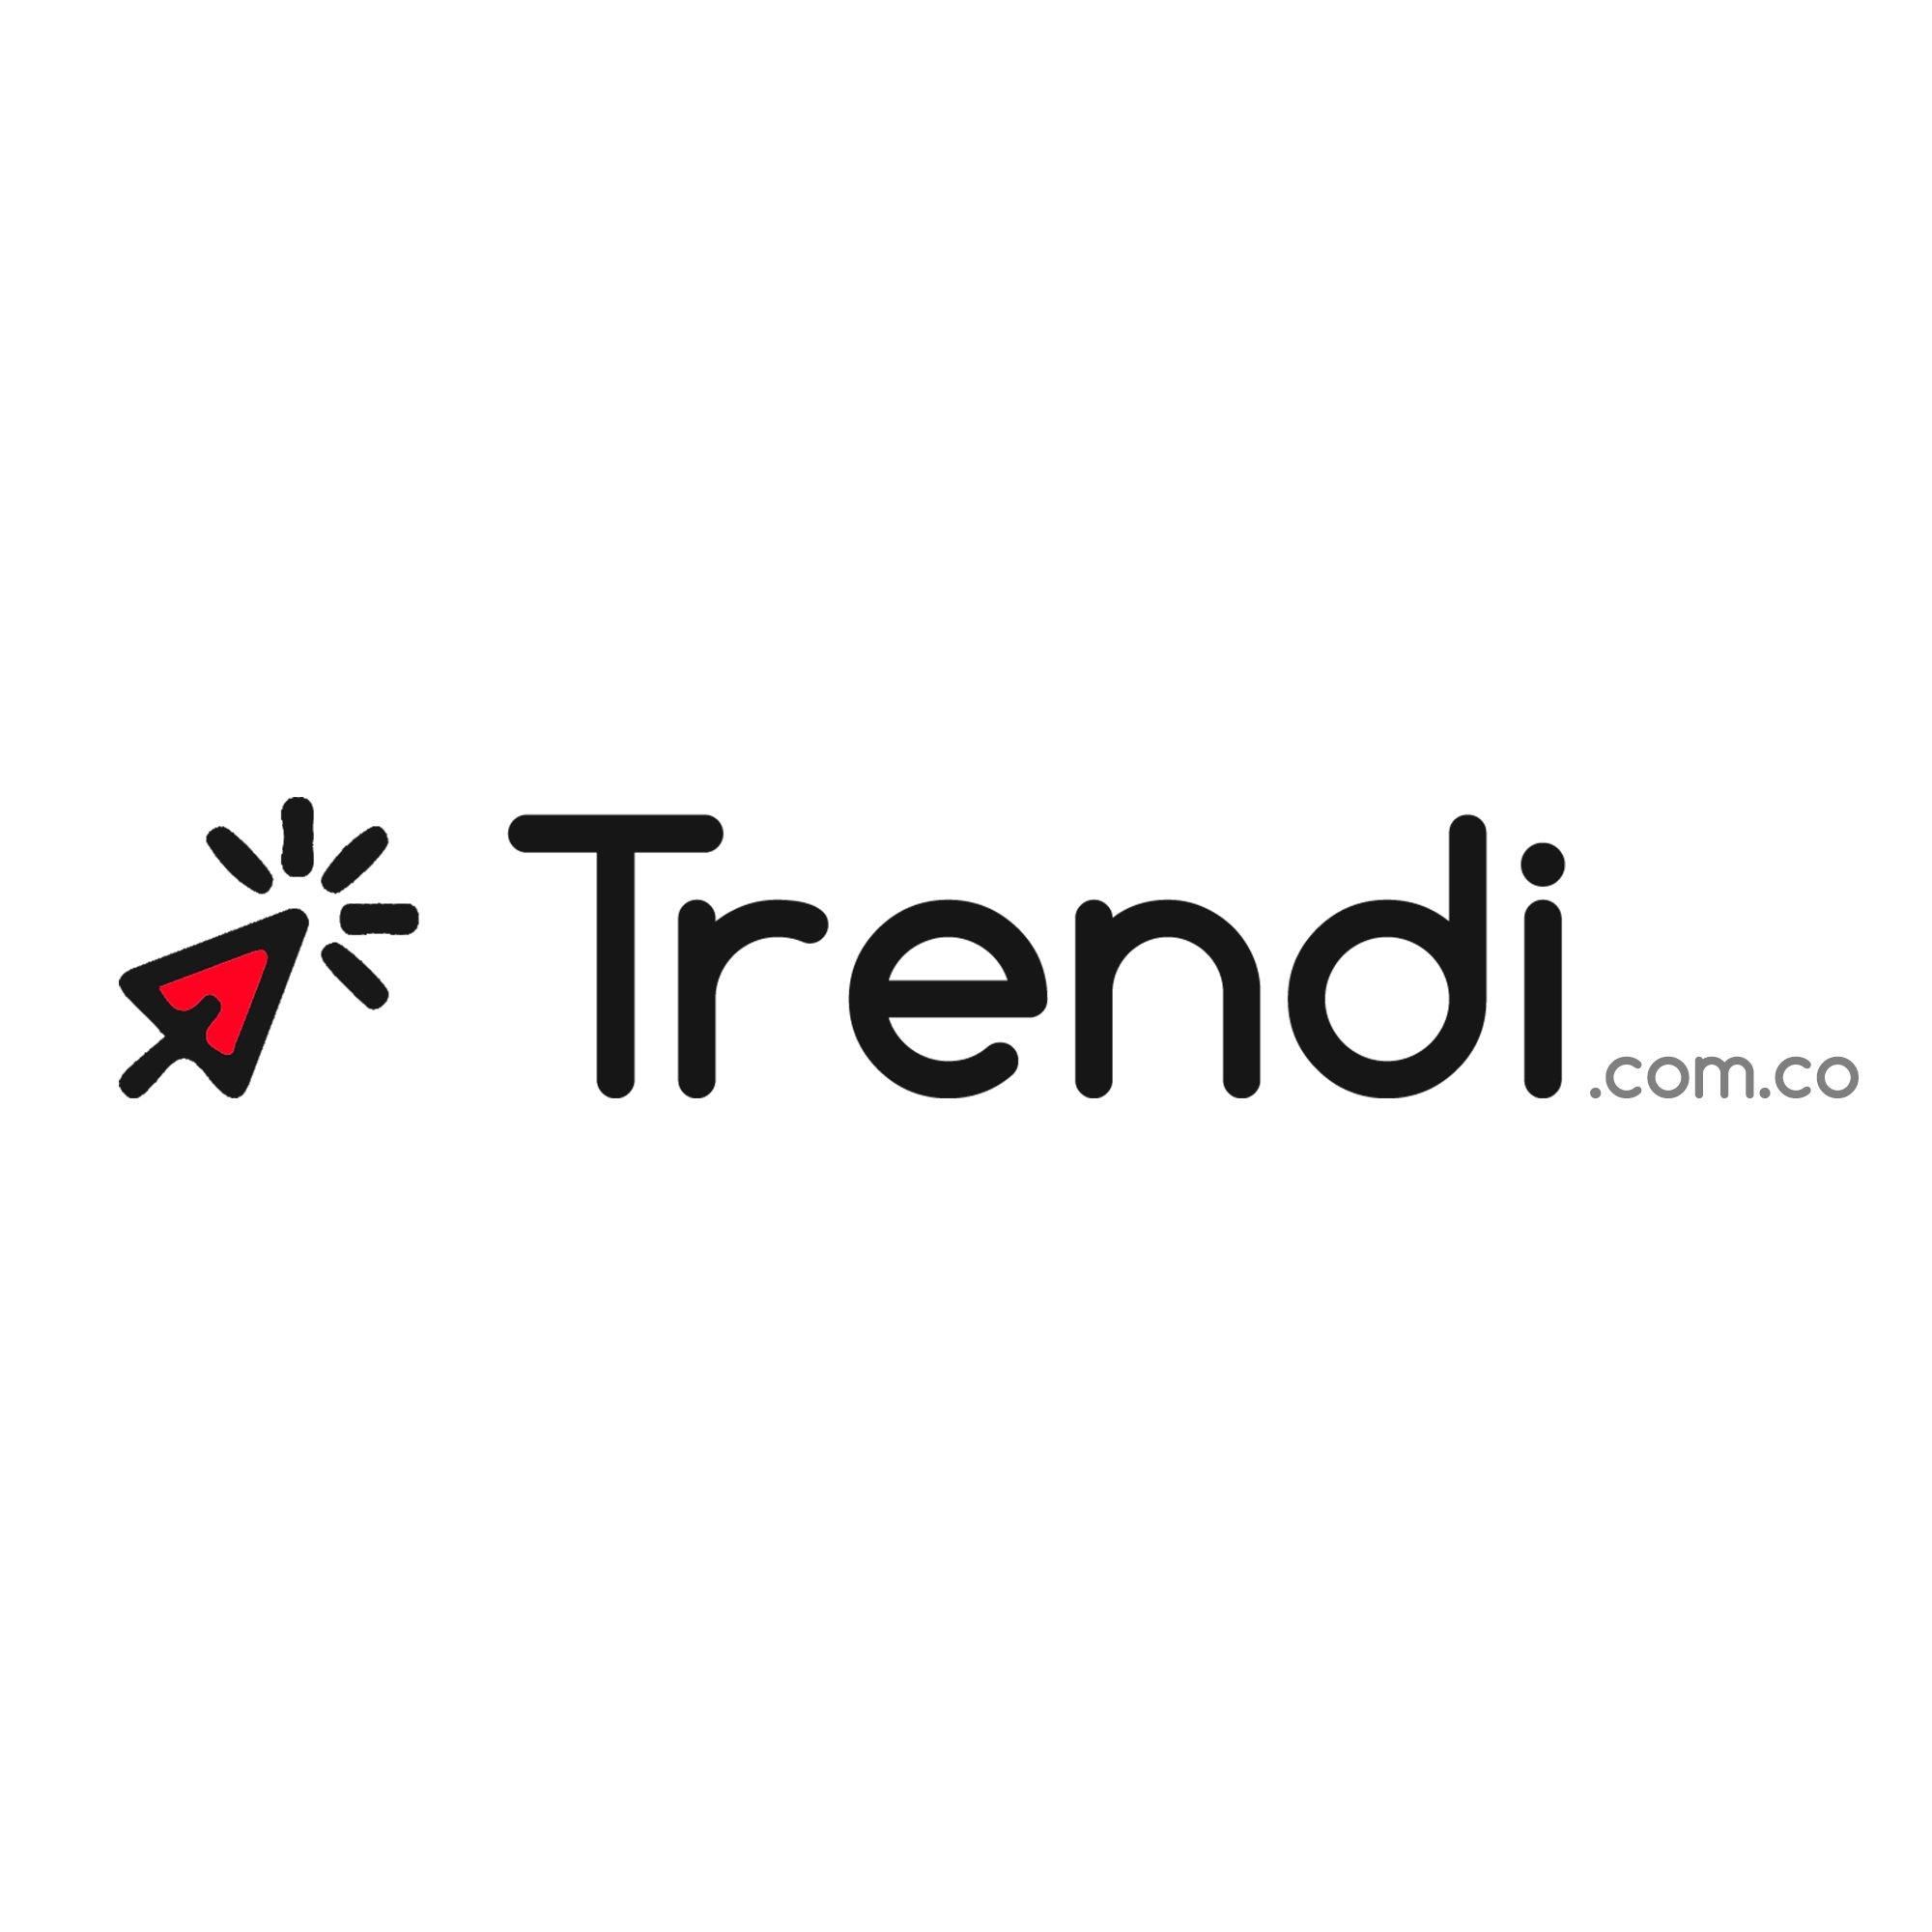 Trendi Articulos Deportivos Hernandez